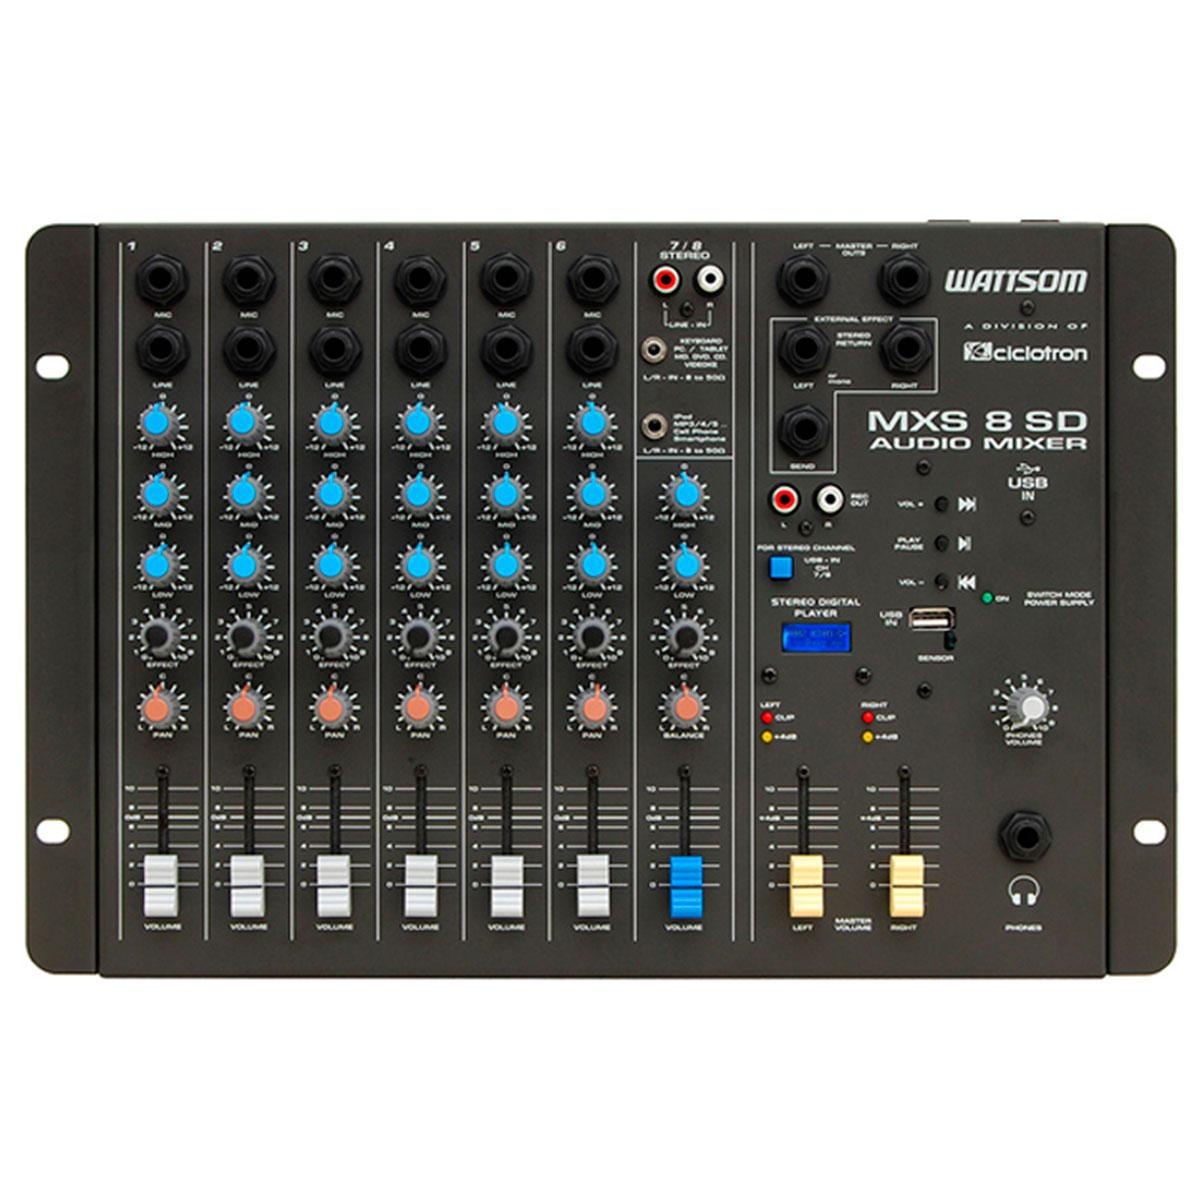 MXS8SD - Mesa de Som / Mixer 8 Canais USB MXS 8 SD - Ciclotron